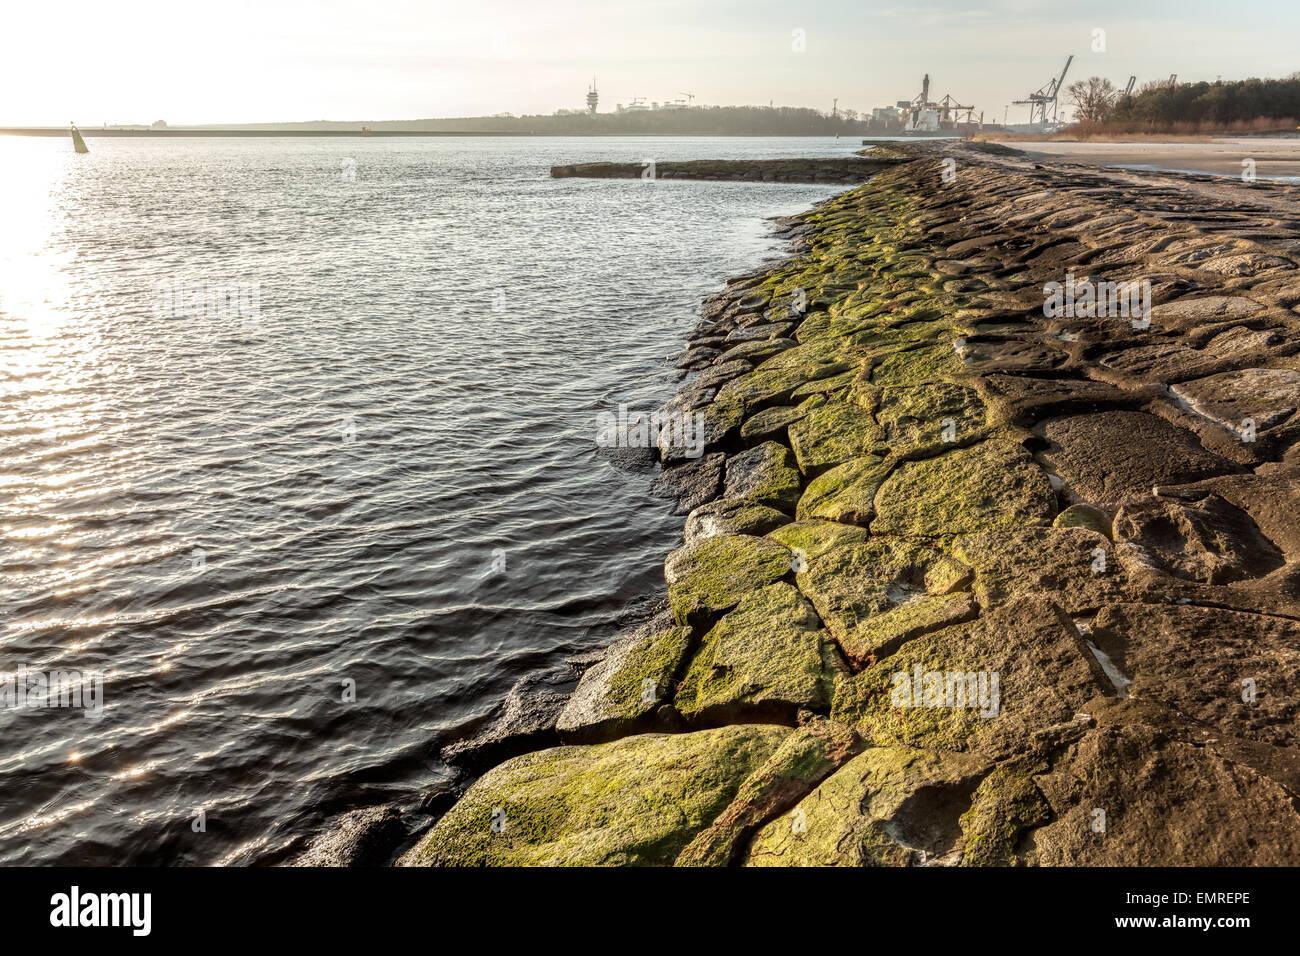 Alten Hafen Damm aus Steinen in Swinoujscie, Polen gemacht. Stockbild